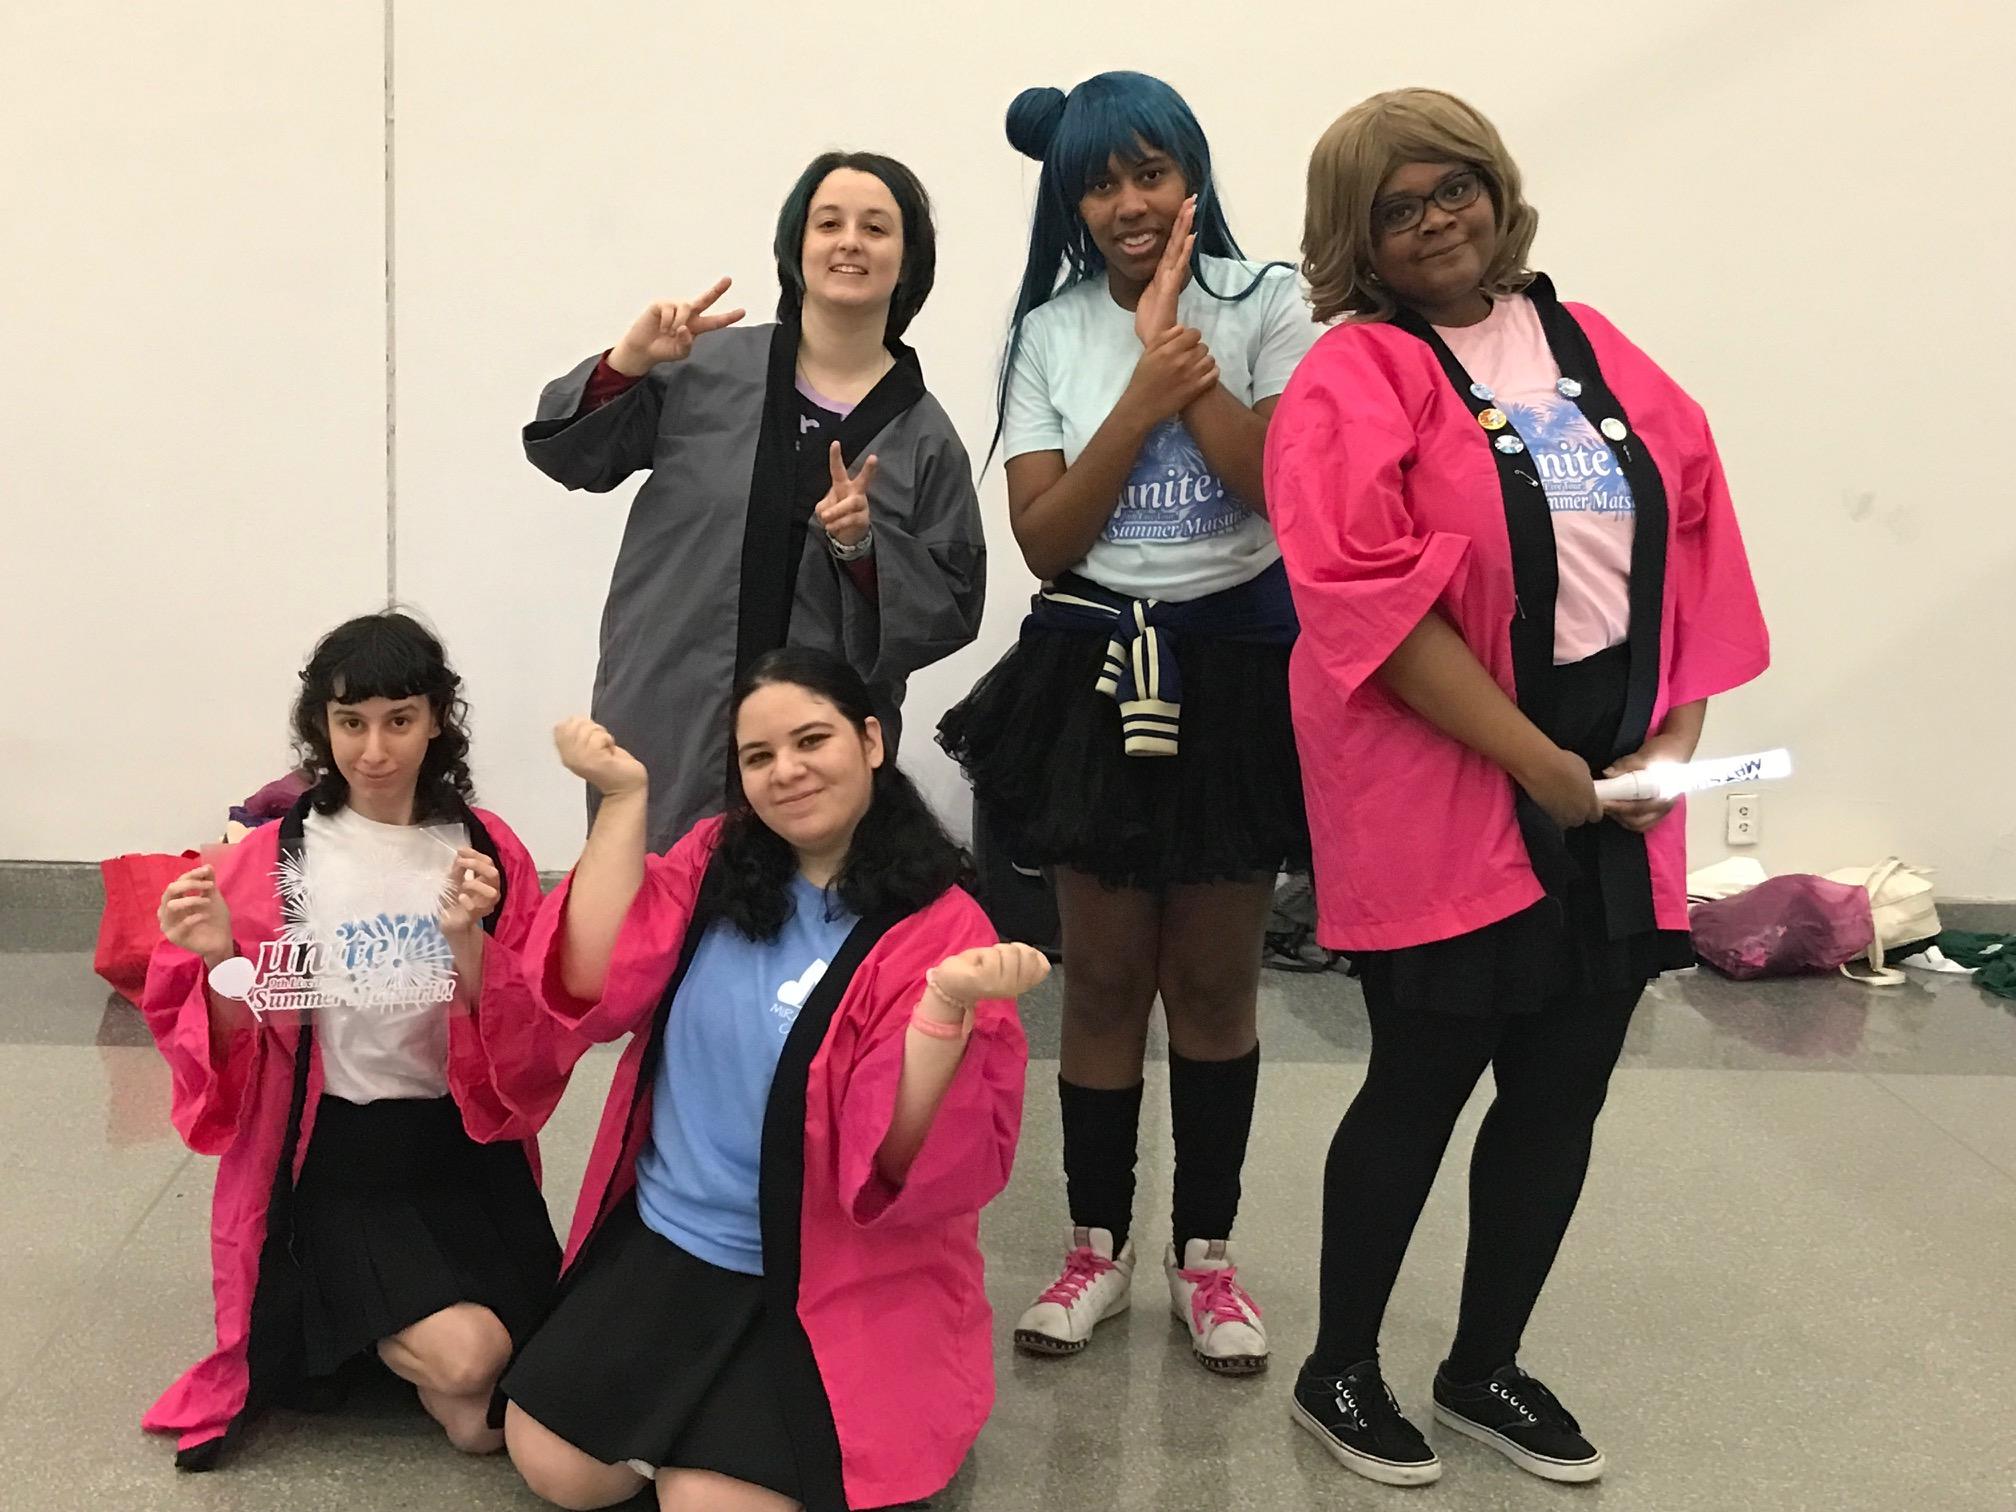 μnite's members clockwise starting from the left: Kasumi? (the question mark is intentional), Kaiju (who has a twin named Cherry Melody not present in this image), Viola, Nye, and Harmonia.